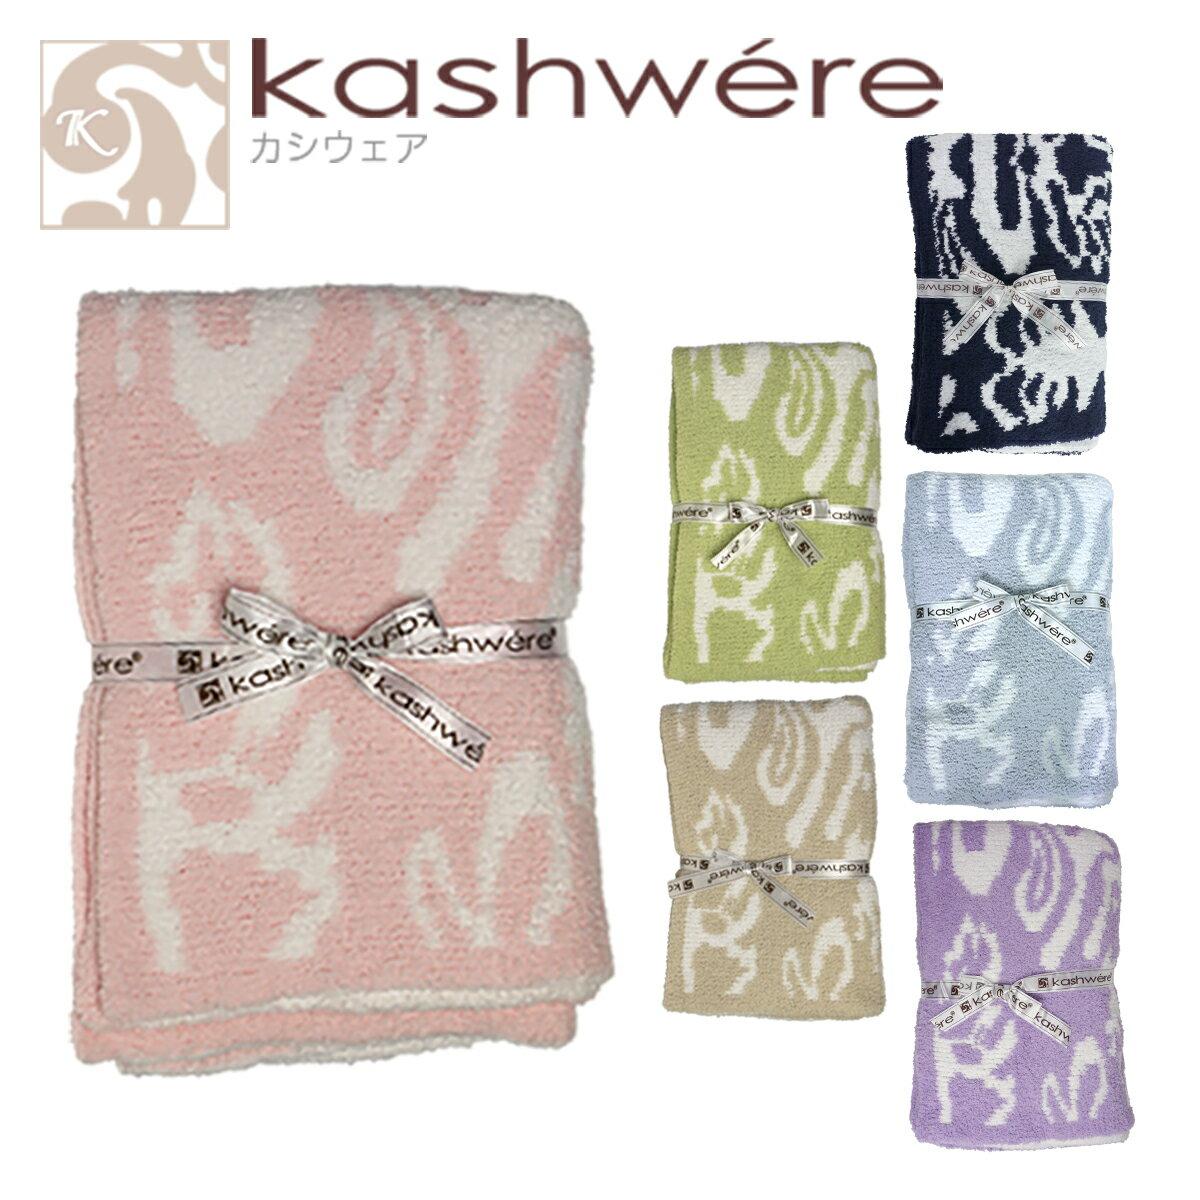 kashwere カシウエア ブランケット ダマスク Damask 織柄 ハーフブランケット 選べるカラー タオルケット カシウェア ギフト可